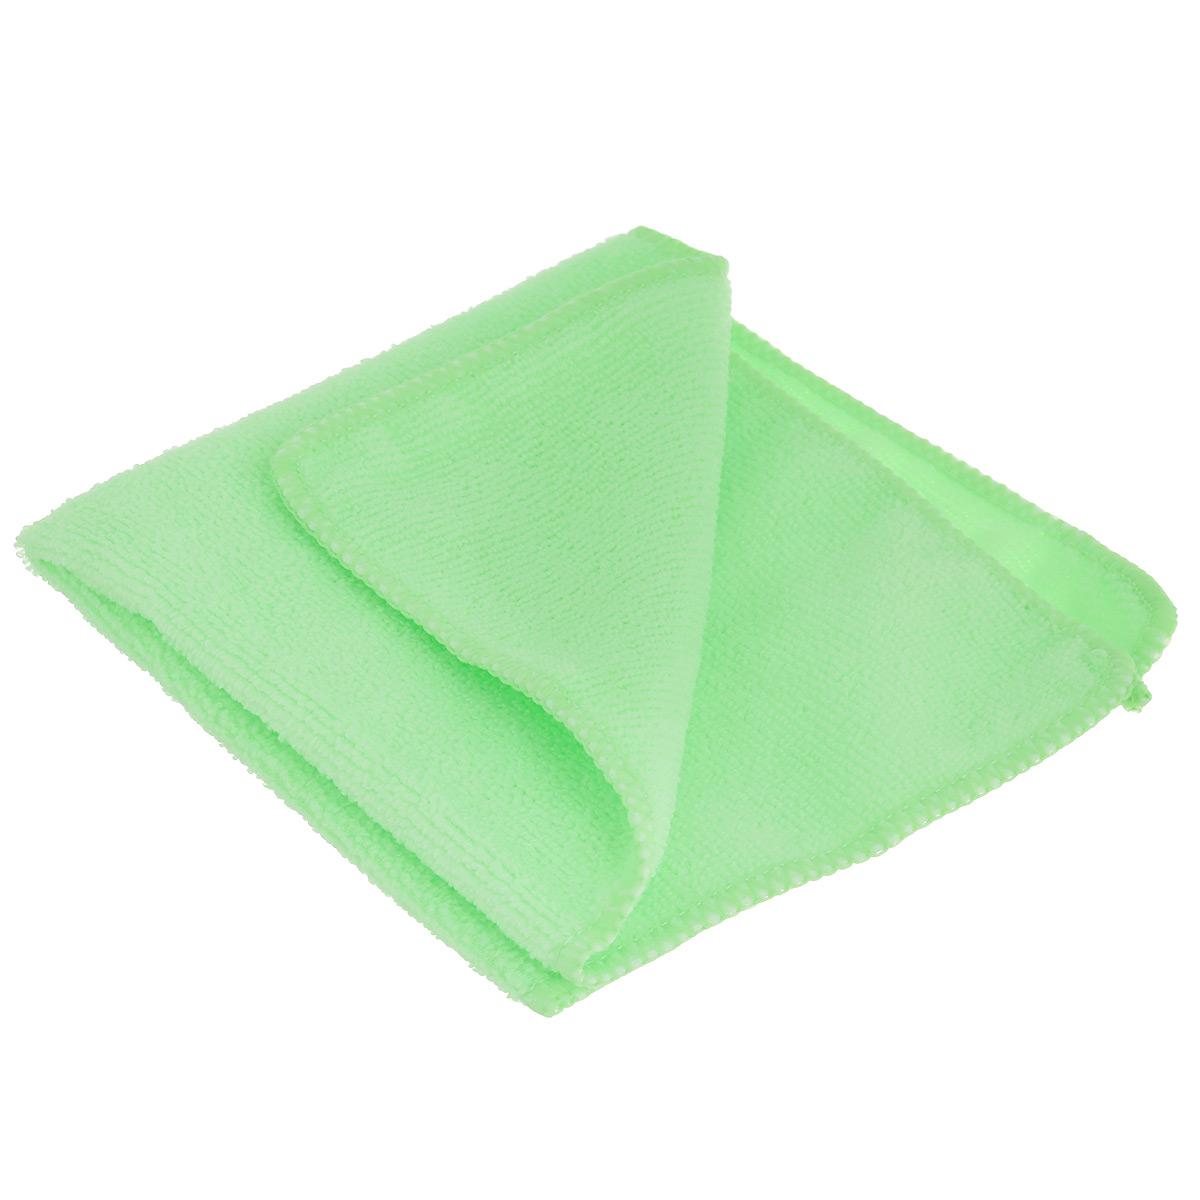 Салфетка из микрофибры для уборки Youll Love, цвет: салатовый, 30 х 30 см 5804358043_салатовыйСалфетка Youll Love, изготовленная из полиэфира, предназначена для очищения загрязнений на любых поверхностях. Изделие обладает высокой износоустойчивостью и рассчитано на многократное использование, легко моется в теплой воде с мягкими чистящими средствами. Супервпитывающая салфетка не оставляет разводов и ворсинок, удаляет большинство жирных и маслянистых загрязнений без использования химических средств. Размер салфетки: 30 см х 30 см.